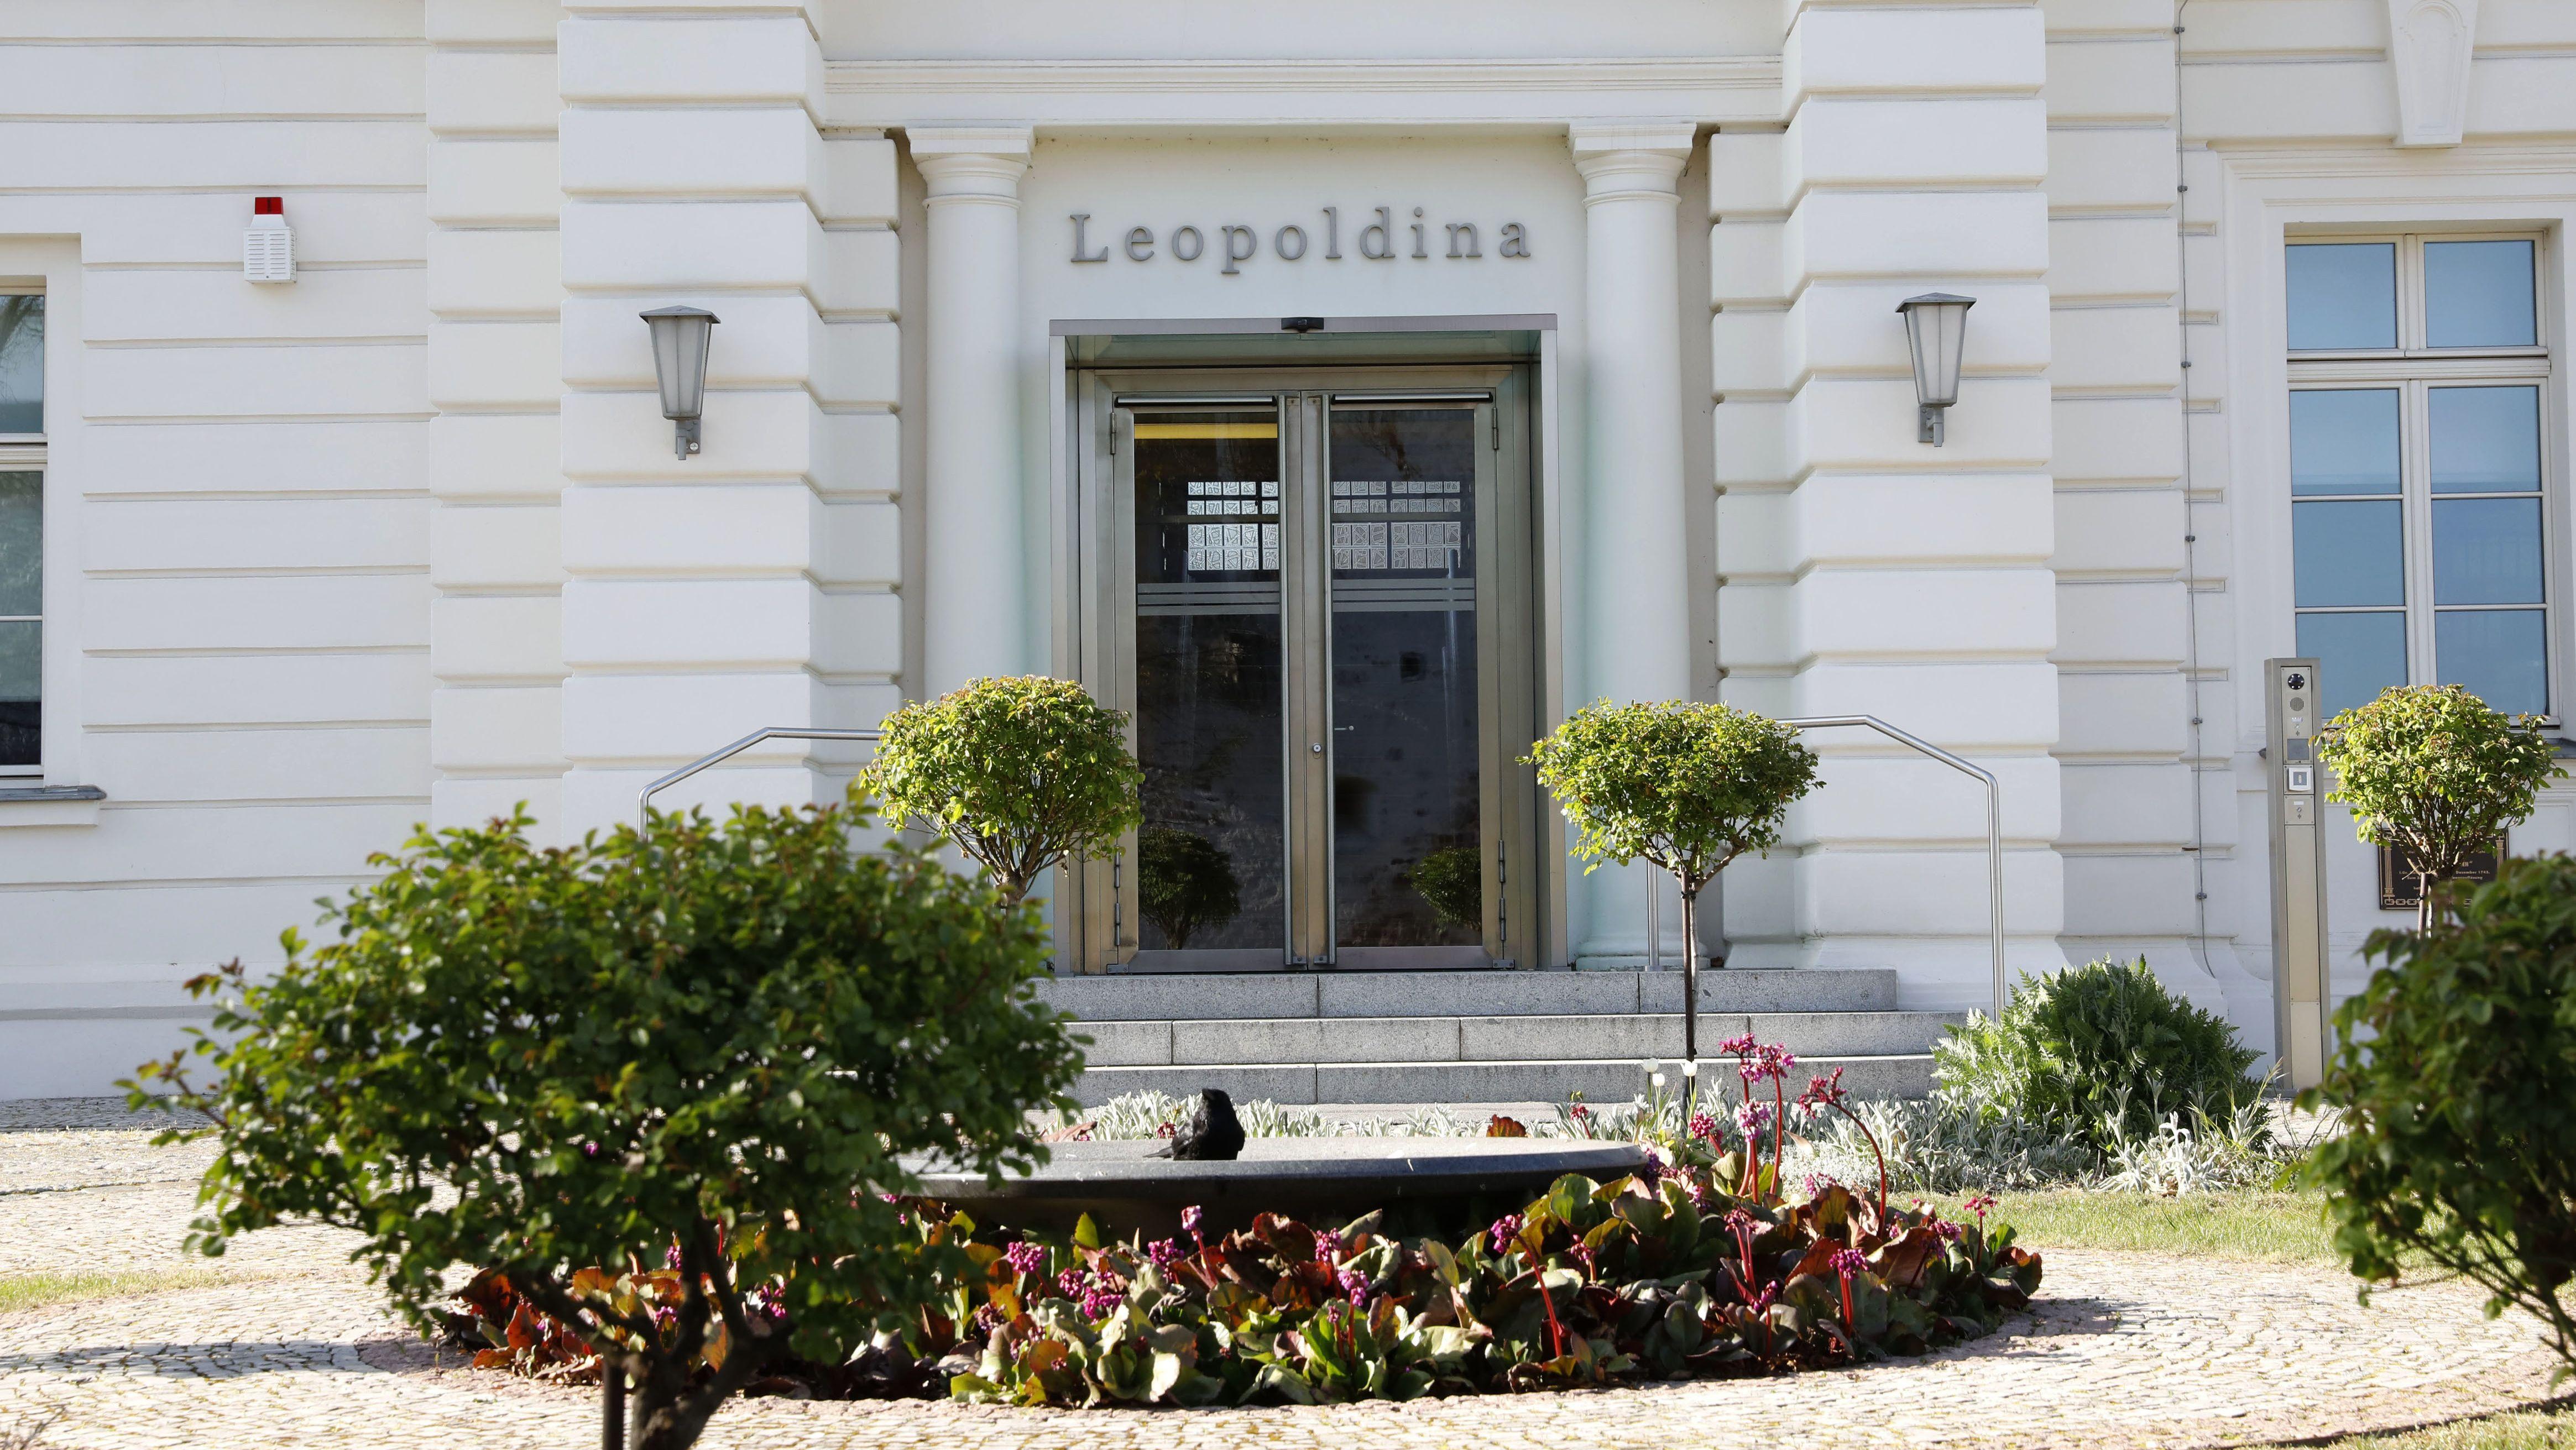 Die Forschungsgemeinschaft Leopoldina ist ein wichtiger Berater der Bundesregierung und macht konkrete Vorschläge für Maßnahmen während der Coronakrise.